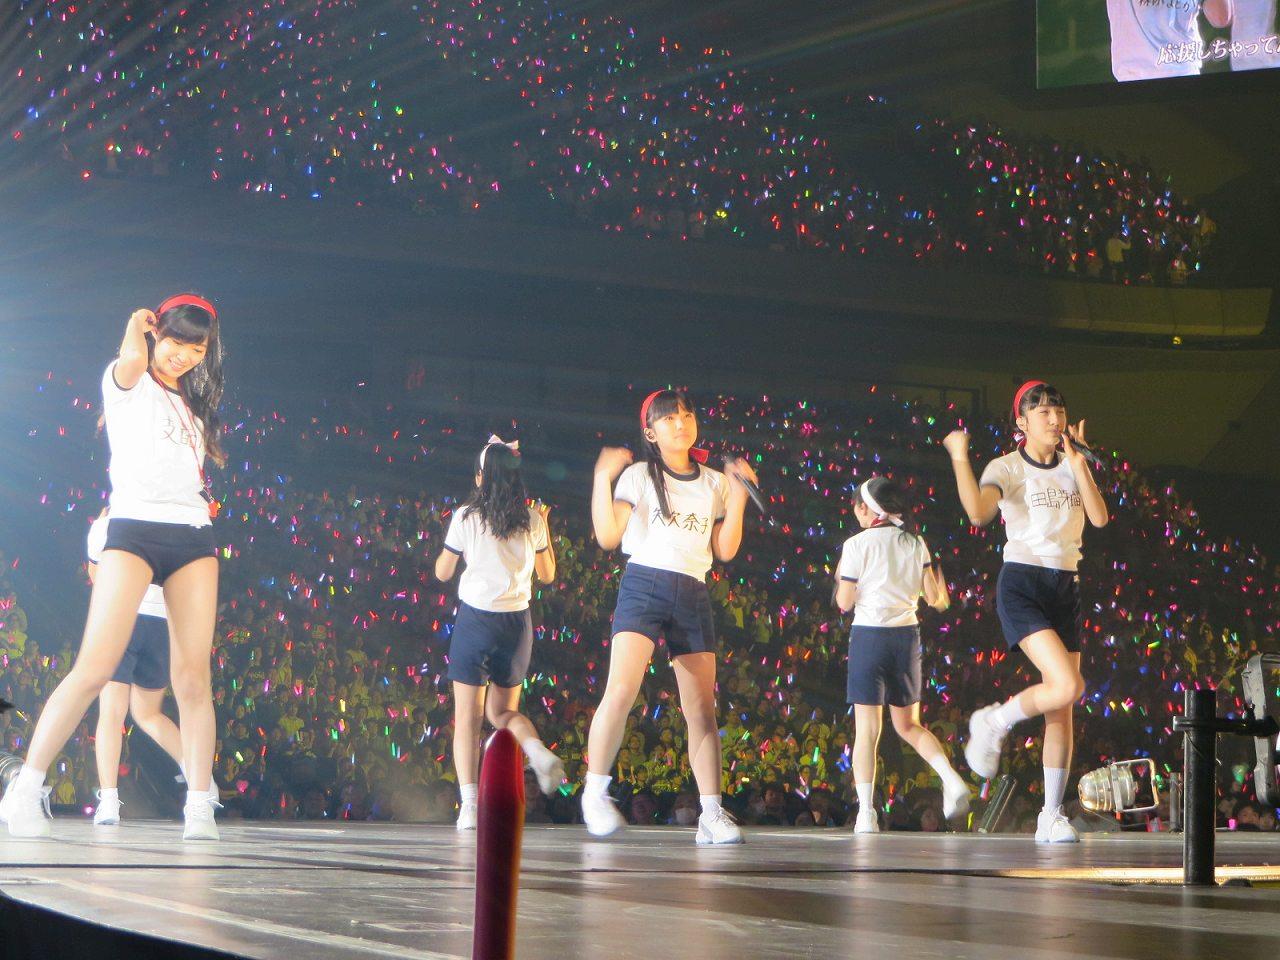 HKT48大運動会での指原莉乃のブルマ姿、矢吹奈子と田島芽瑠の体操服姿